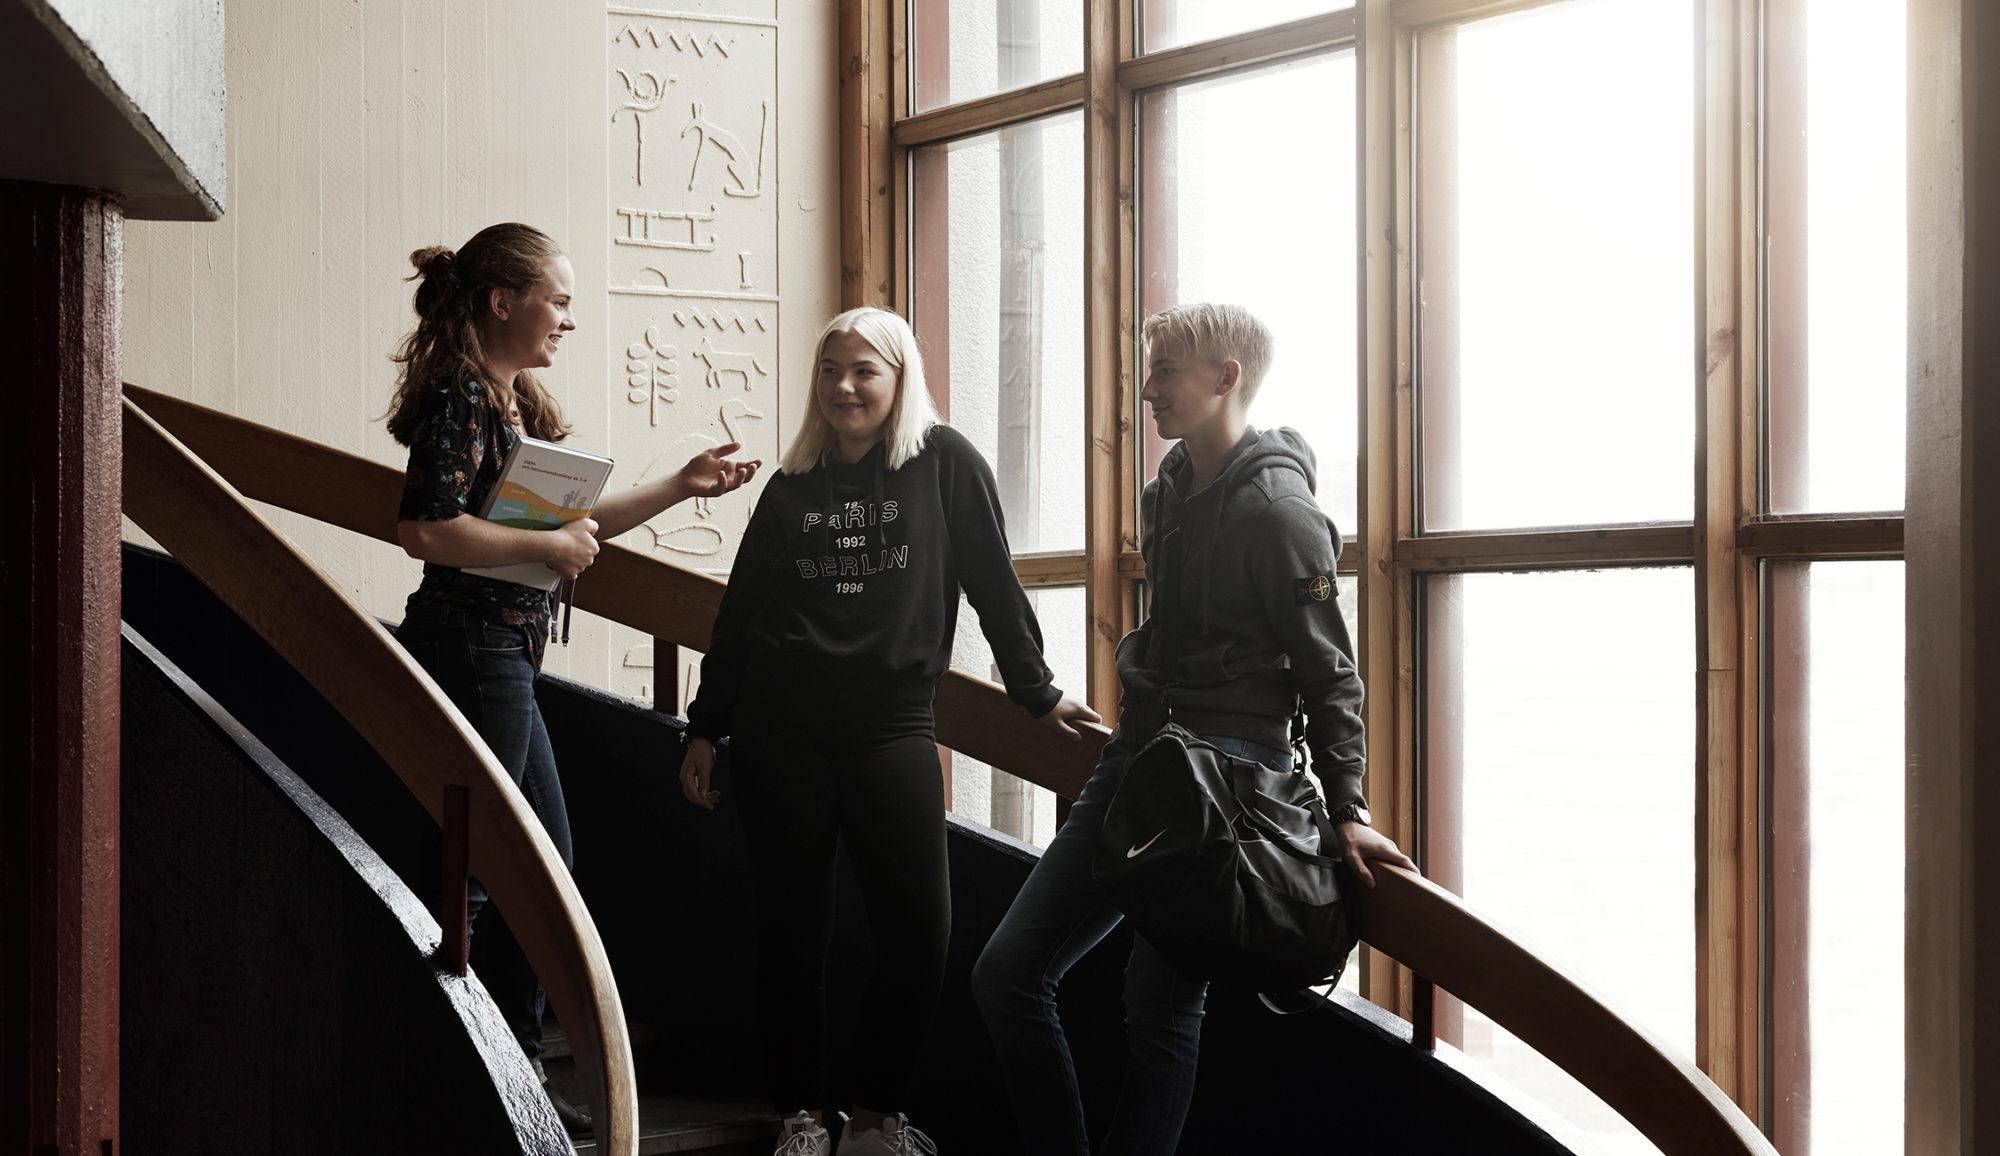 Tre elever pratar i skolan på trappa